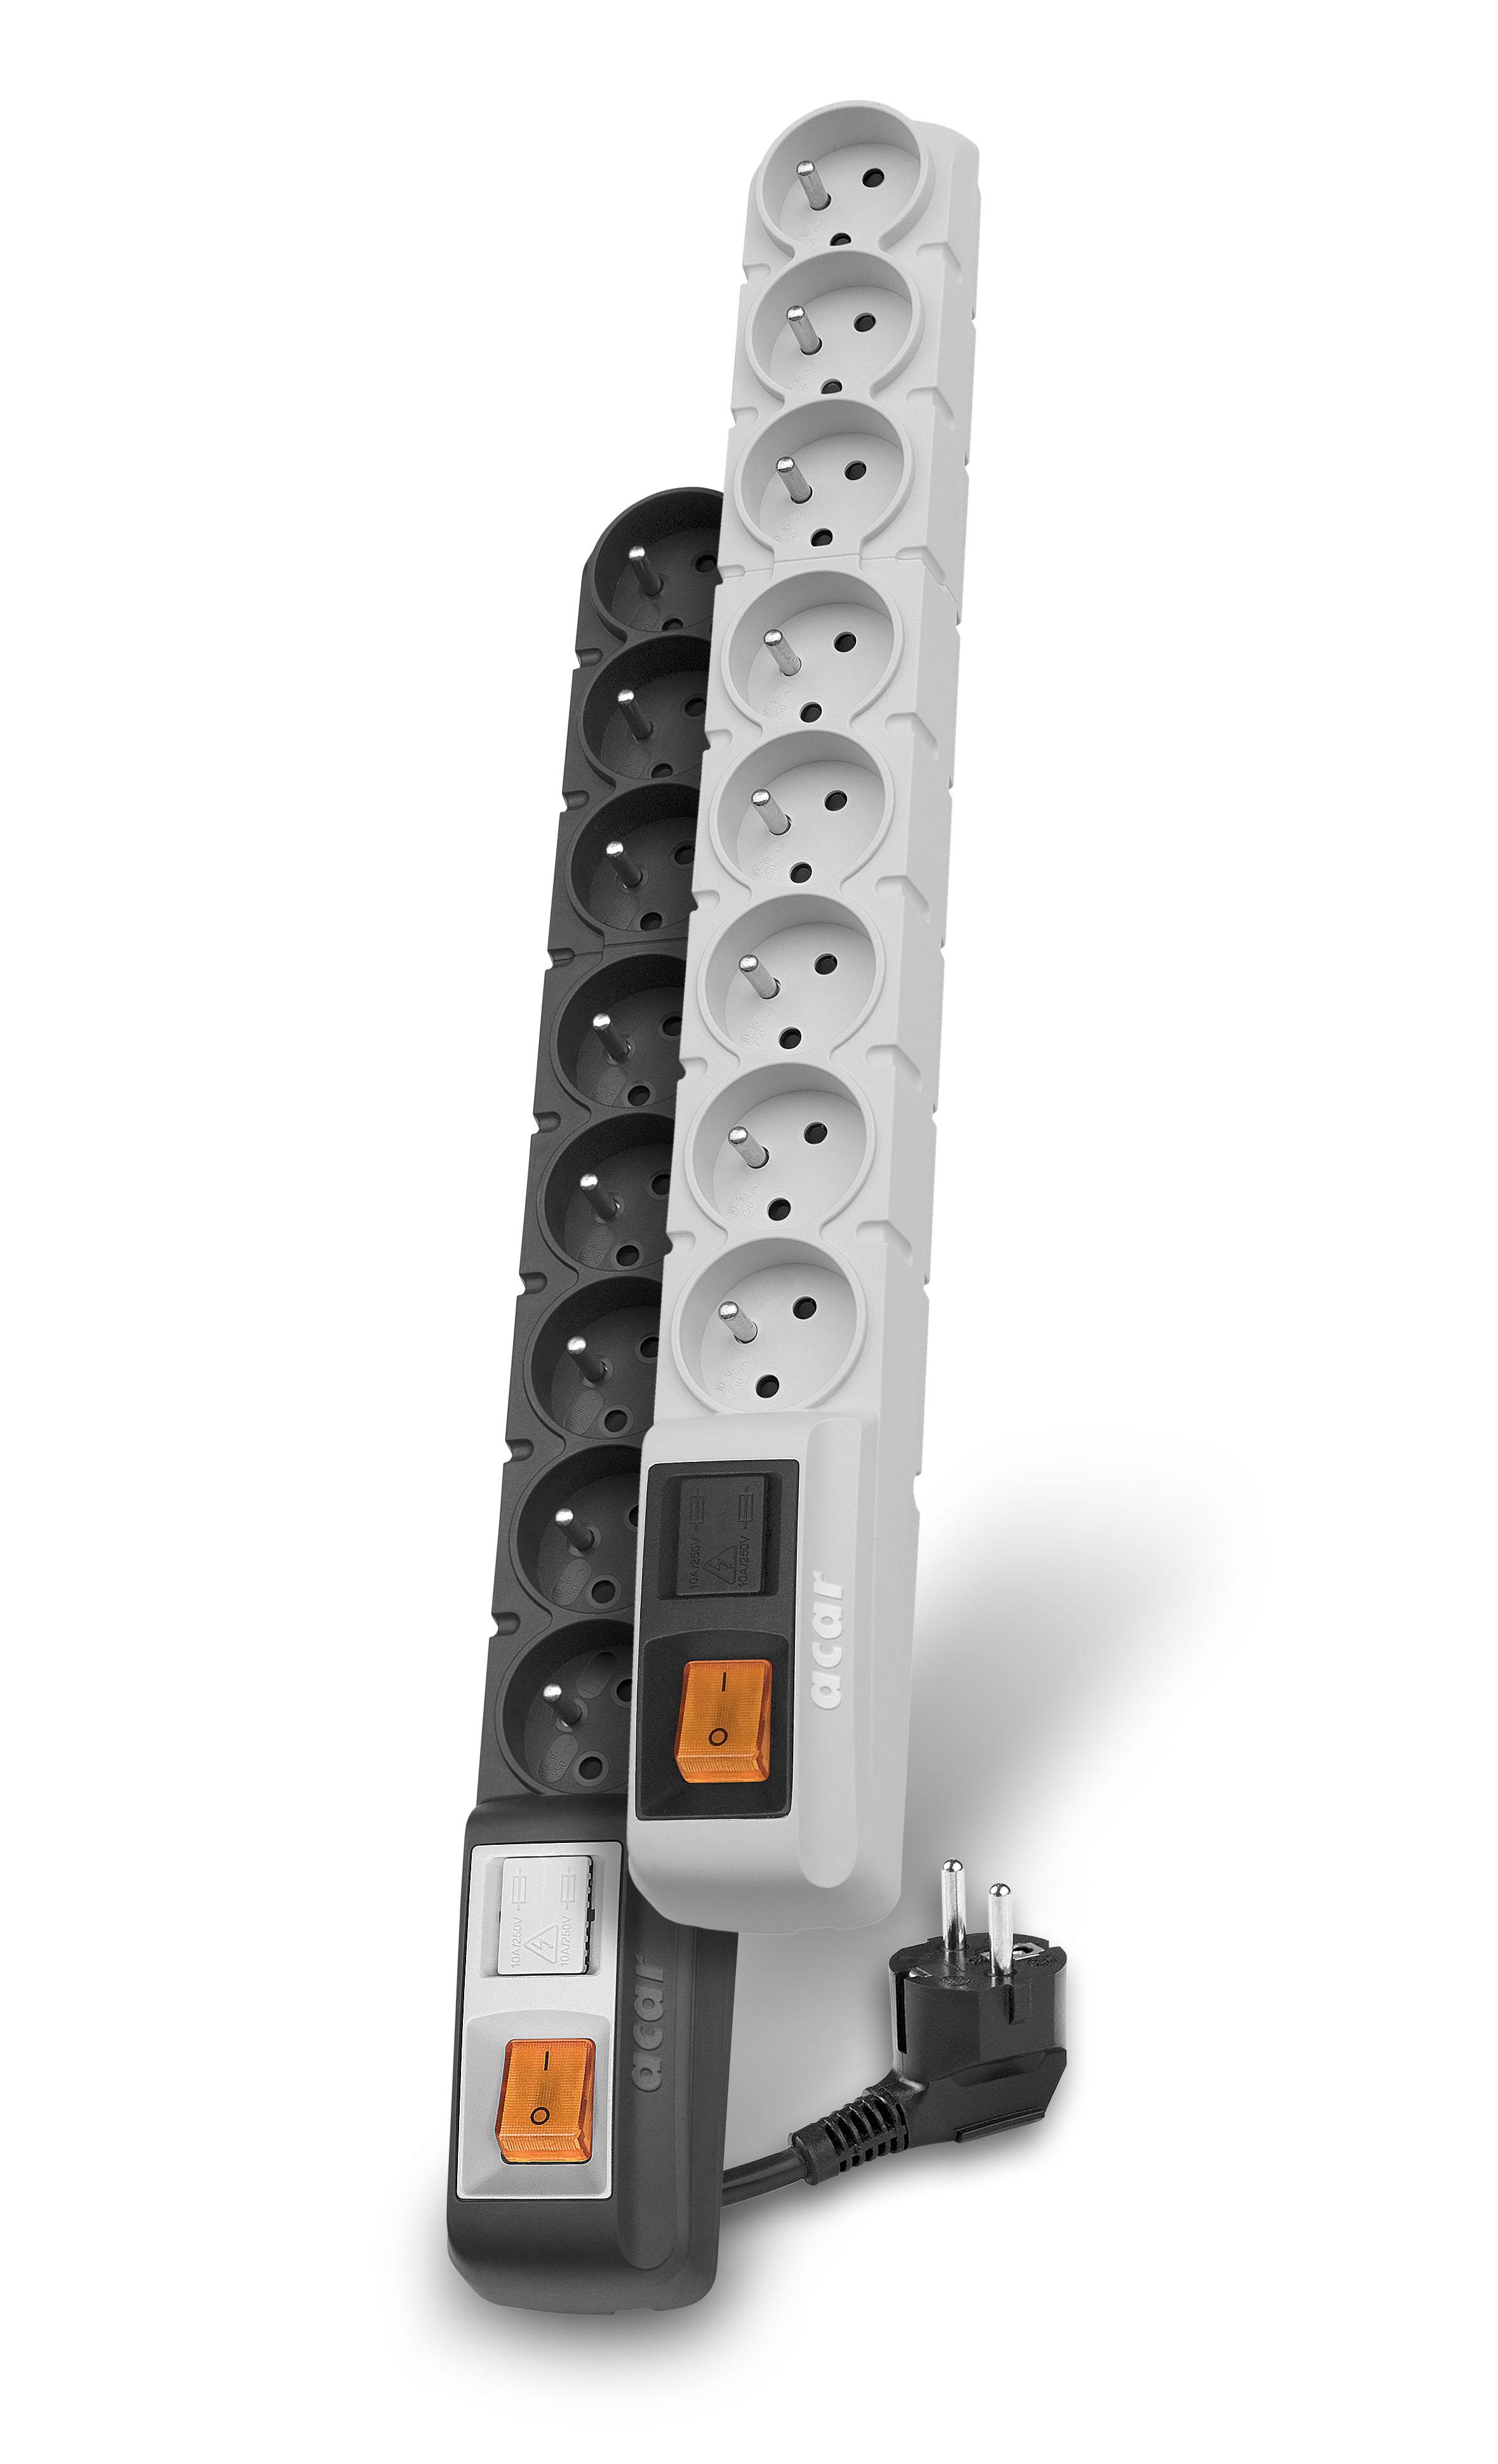 Axon Acar S8 PRO: kabel 1,5 m - Zabezpieczenia przepięciowe